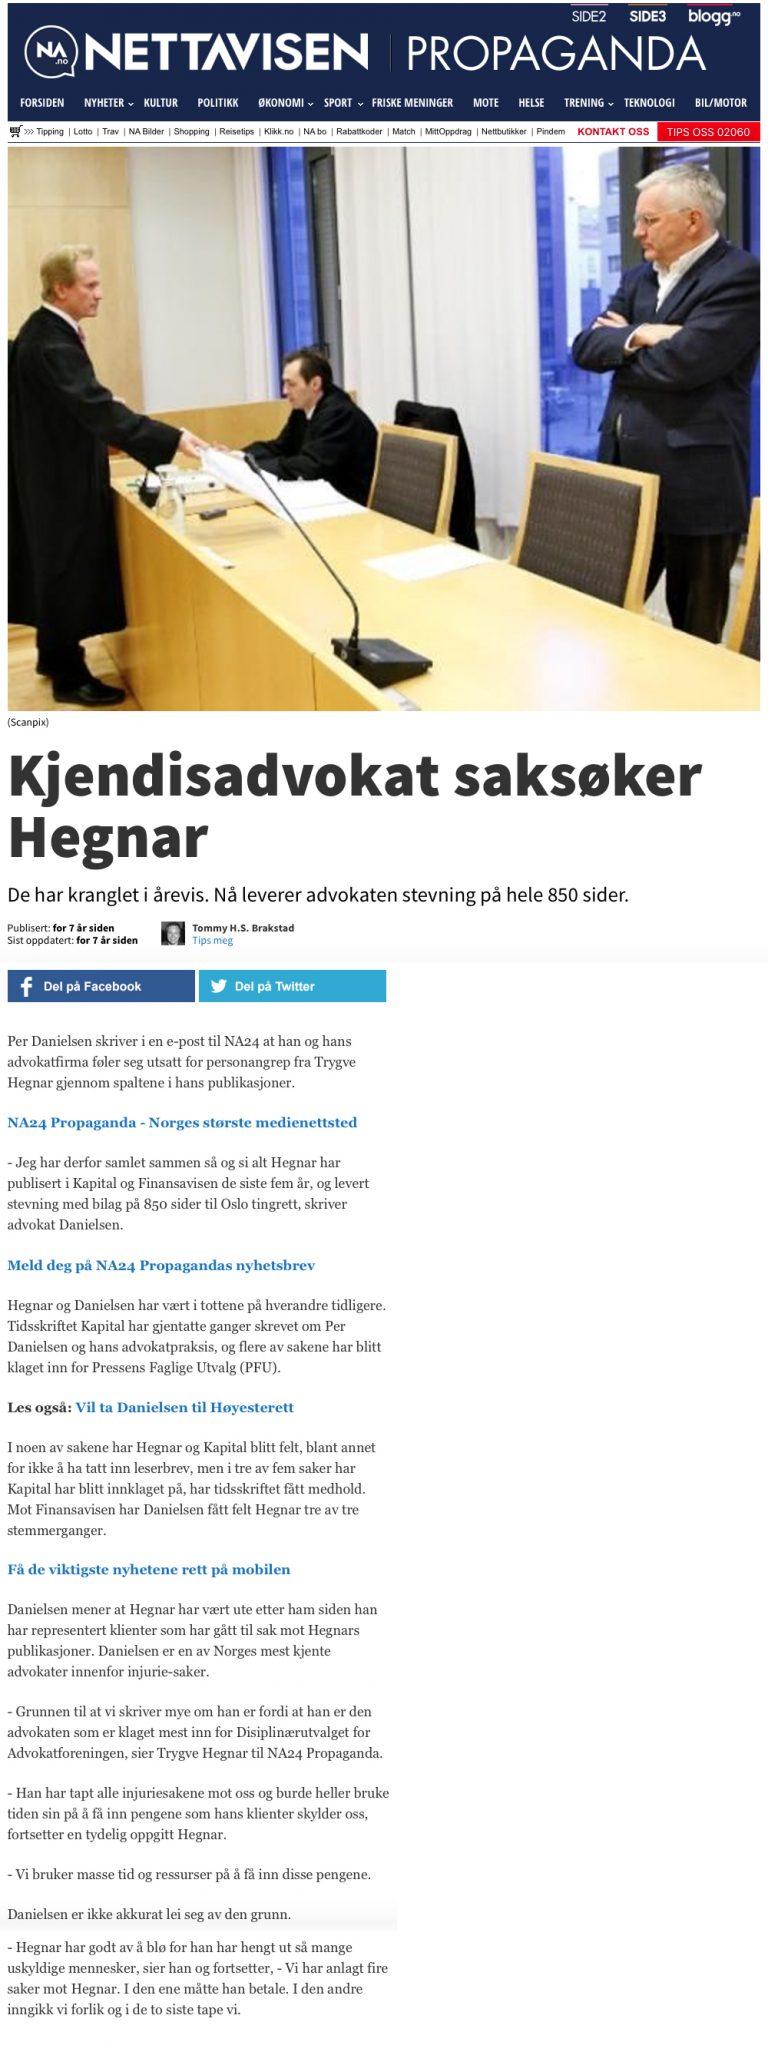 Ærekrenkelse Advokat saksøker Trygve Hegnar. Advokat Danielsen & Co. Per Danielsen. Advokat i Oslo.